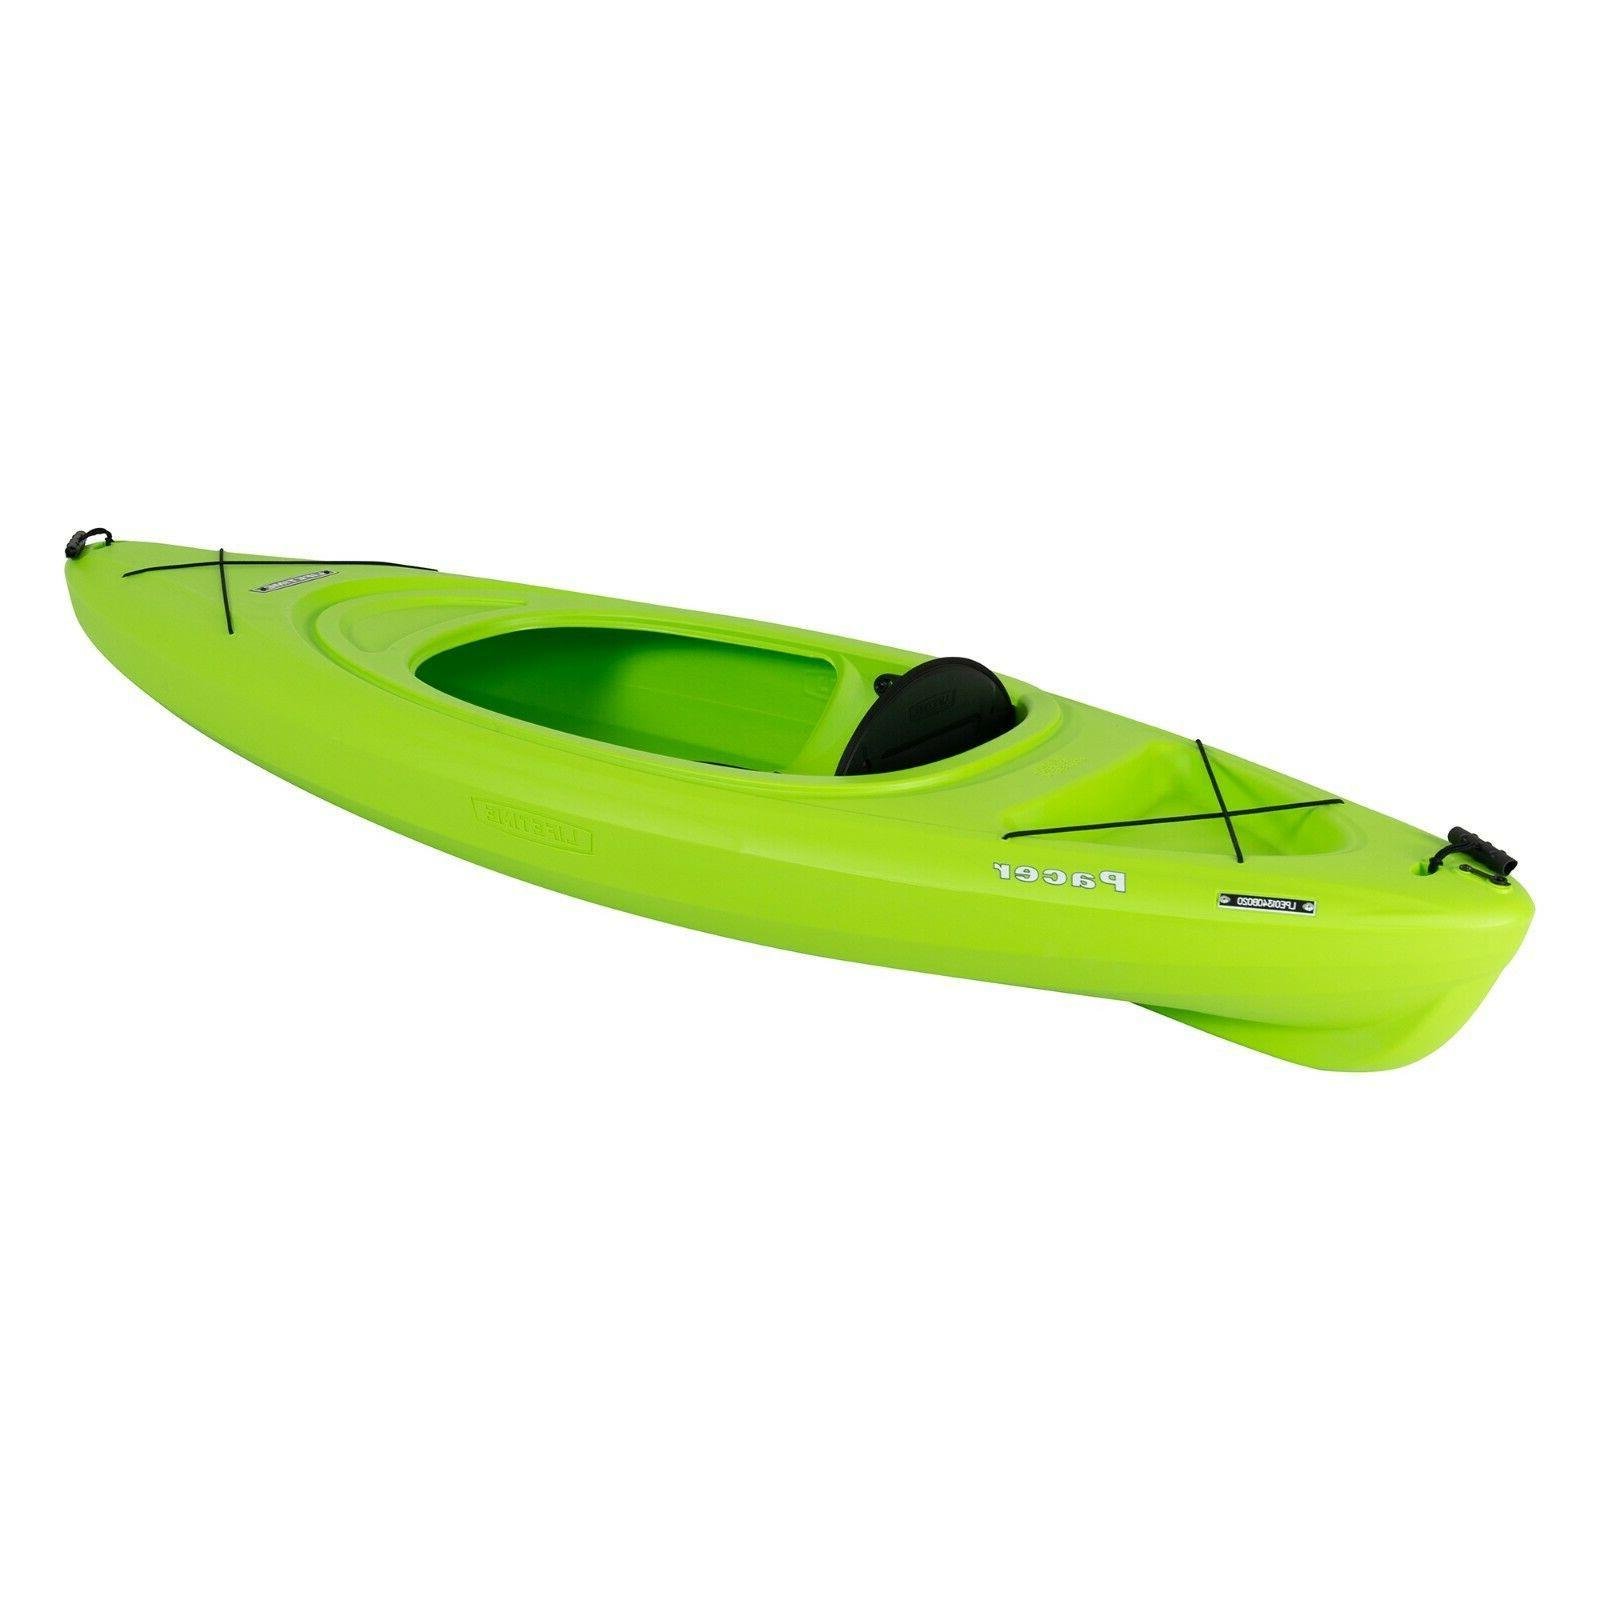 Kayak 8ft Boat Paddle Green adjustable seat